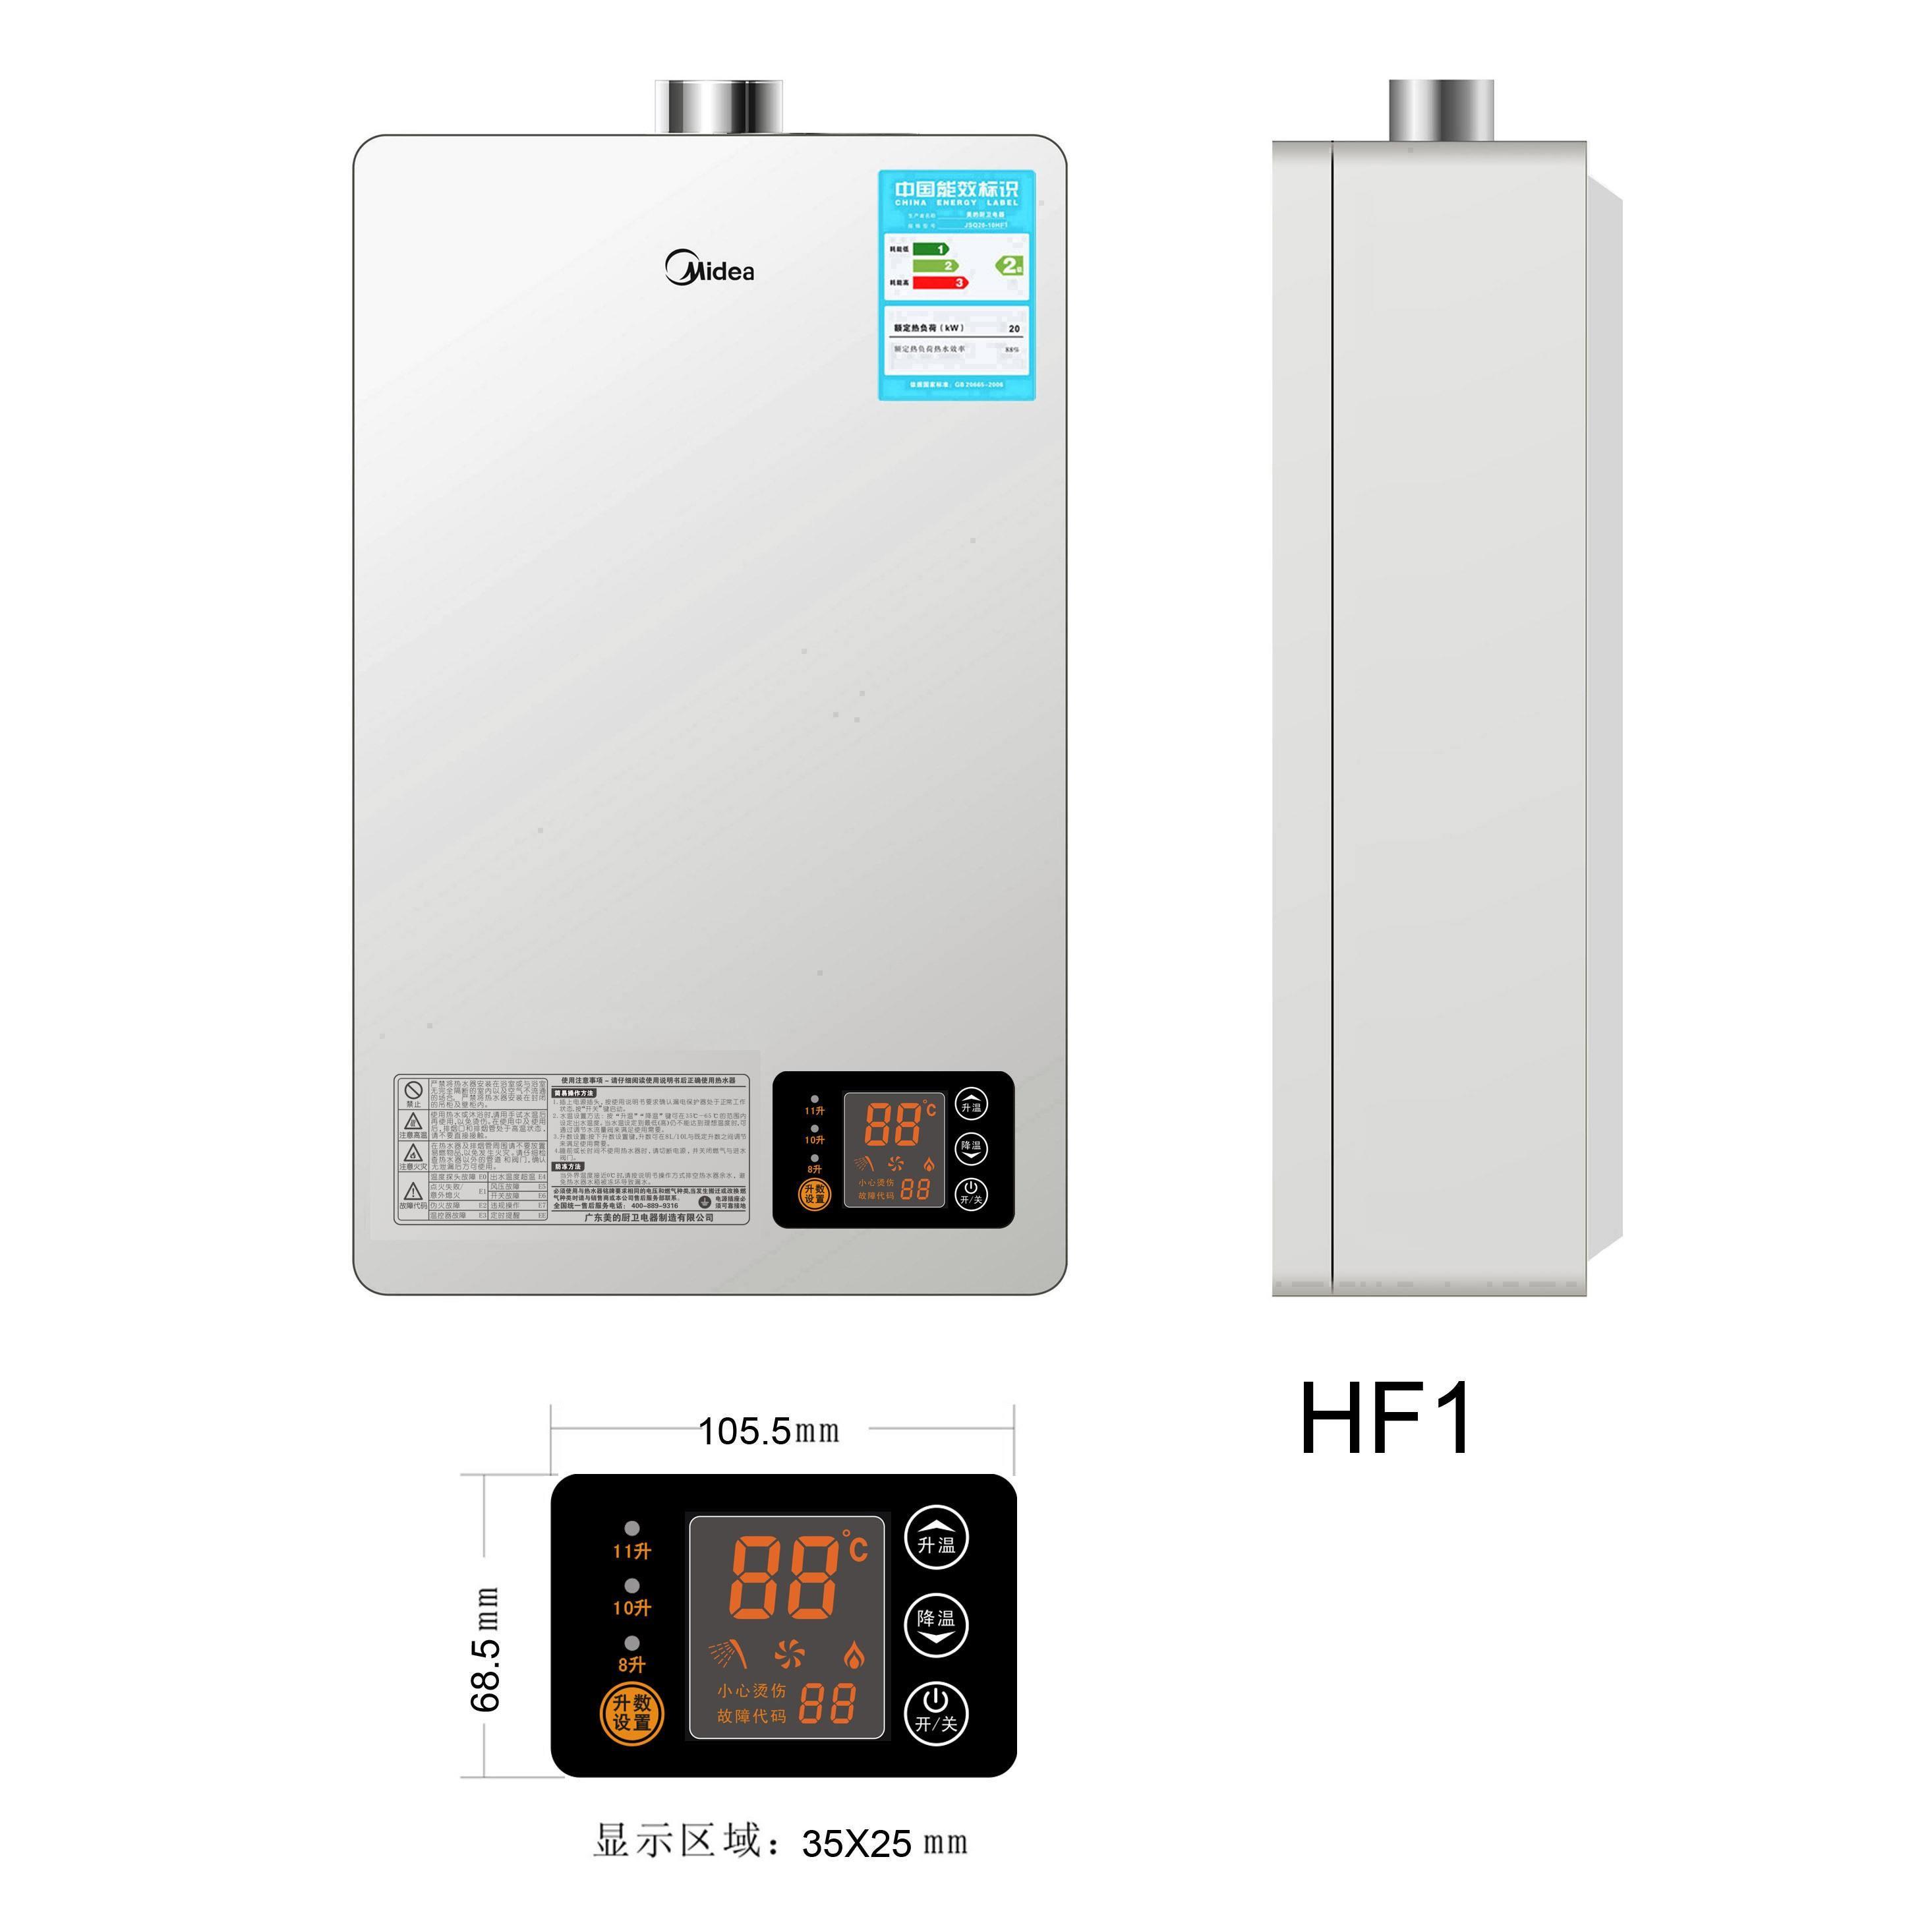 美的燃气热水器好用吗—美的燃气热水器怎么样